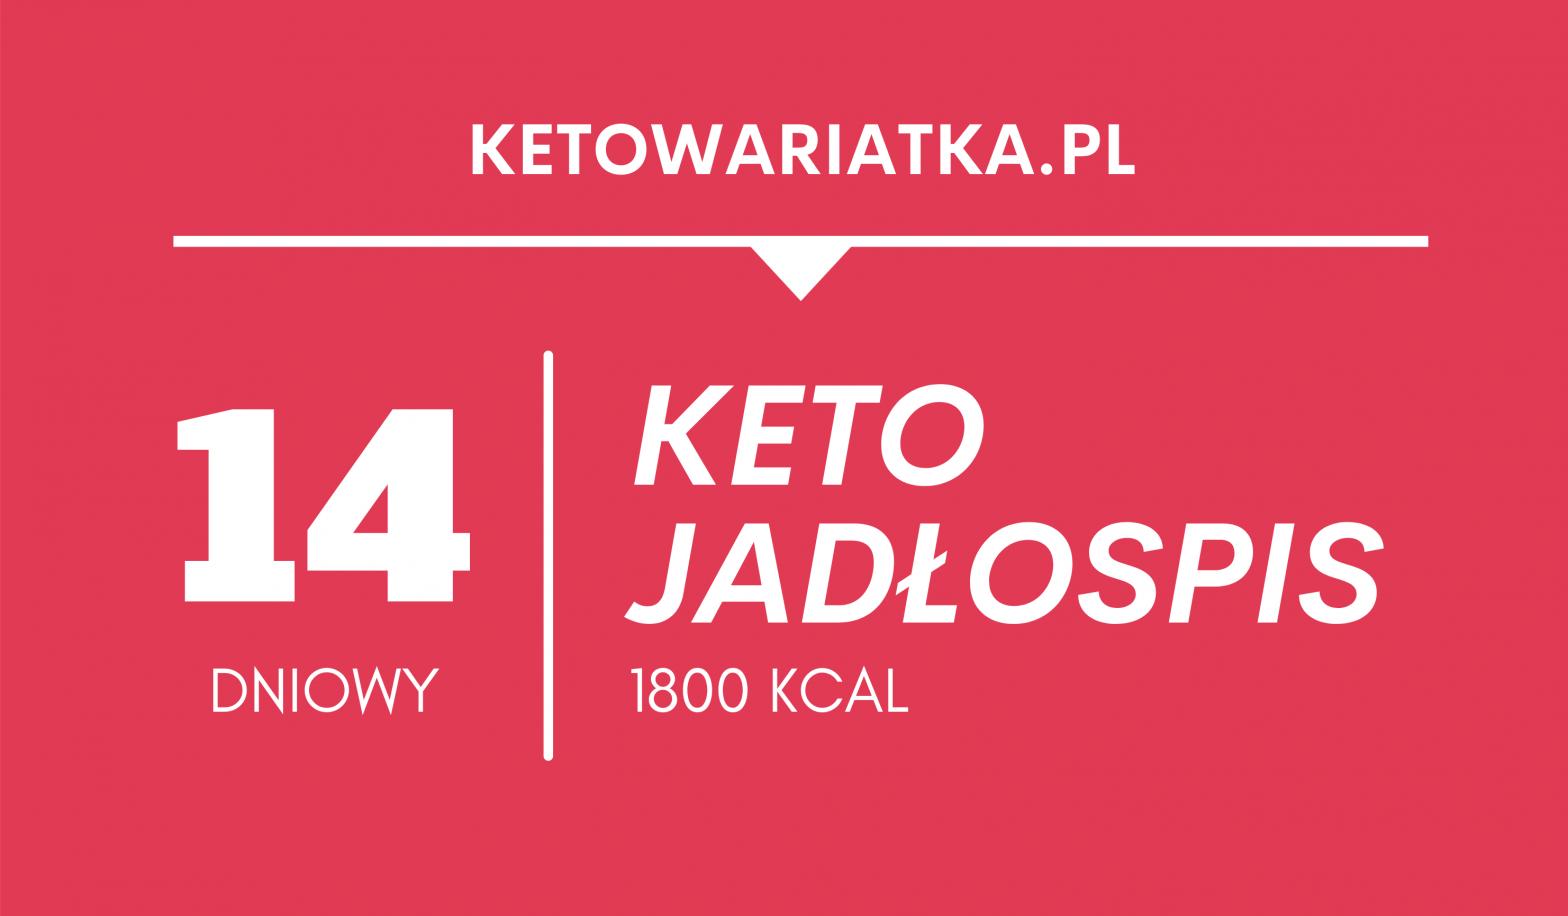 Keto jadłospis – 14 dni (1800 kcal)